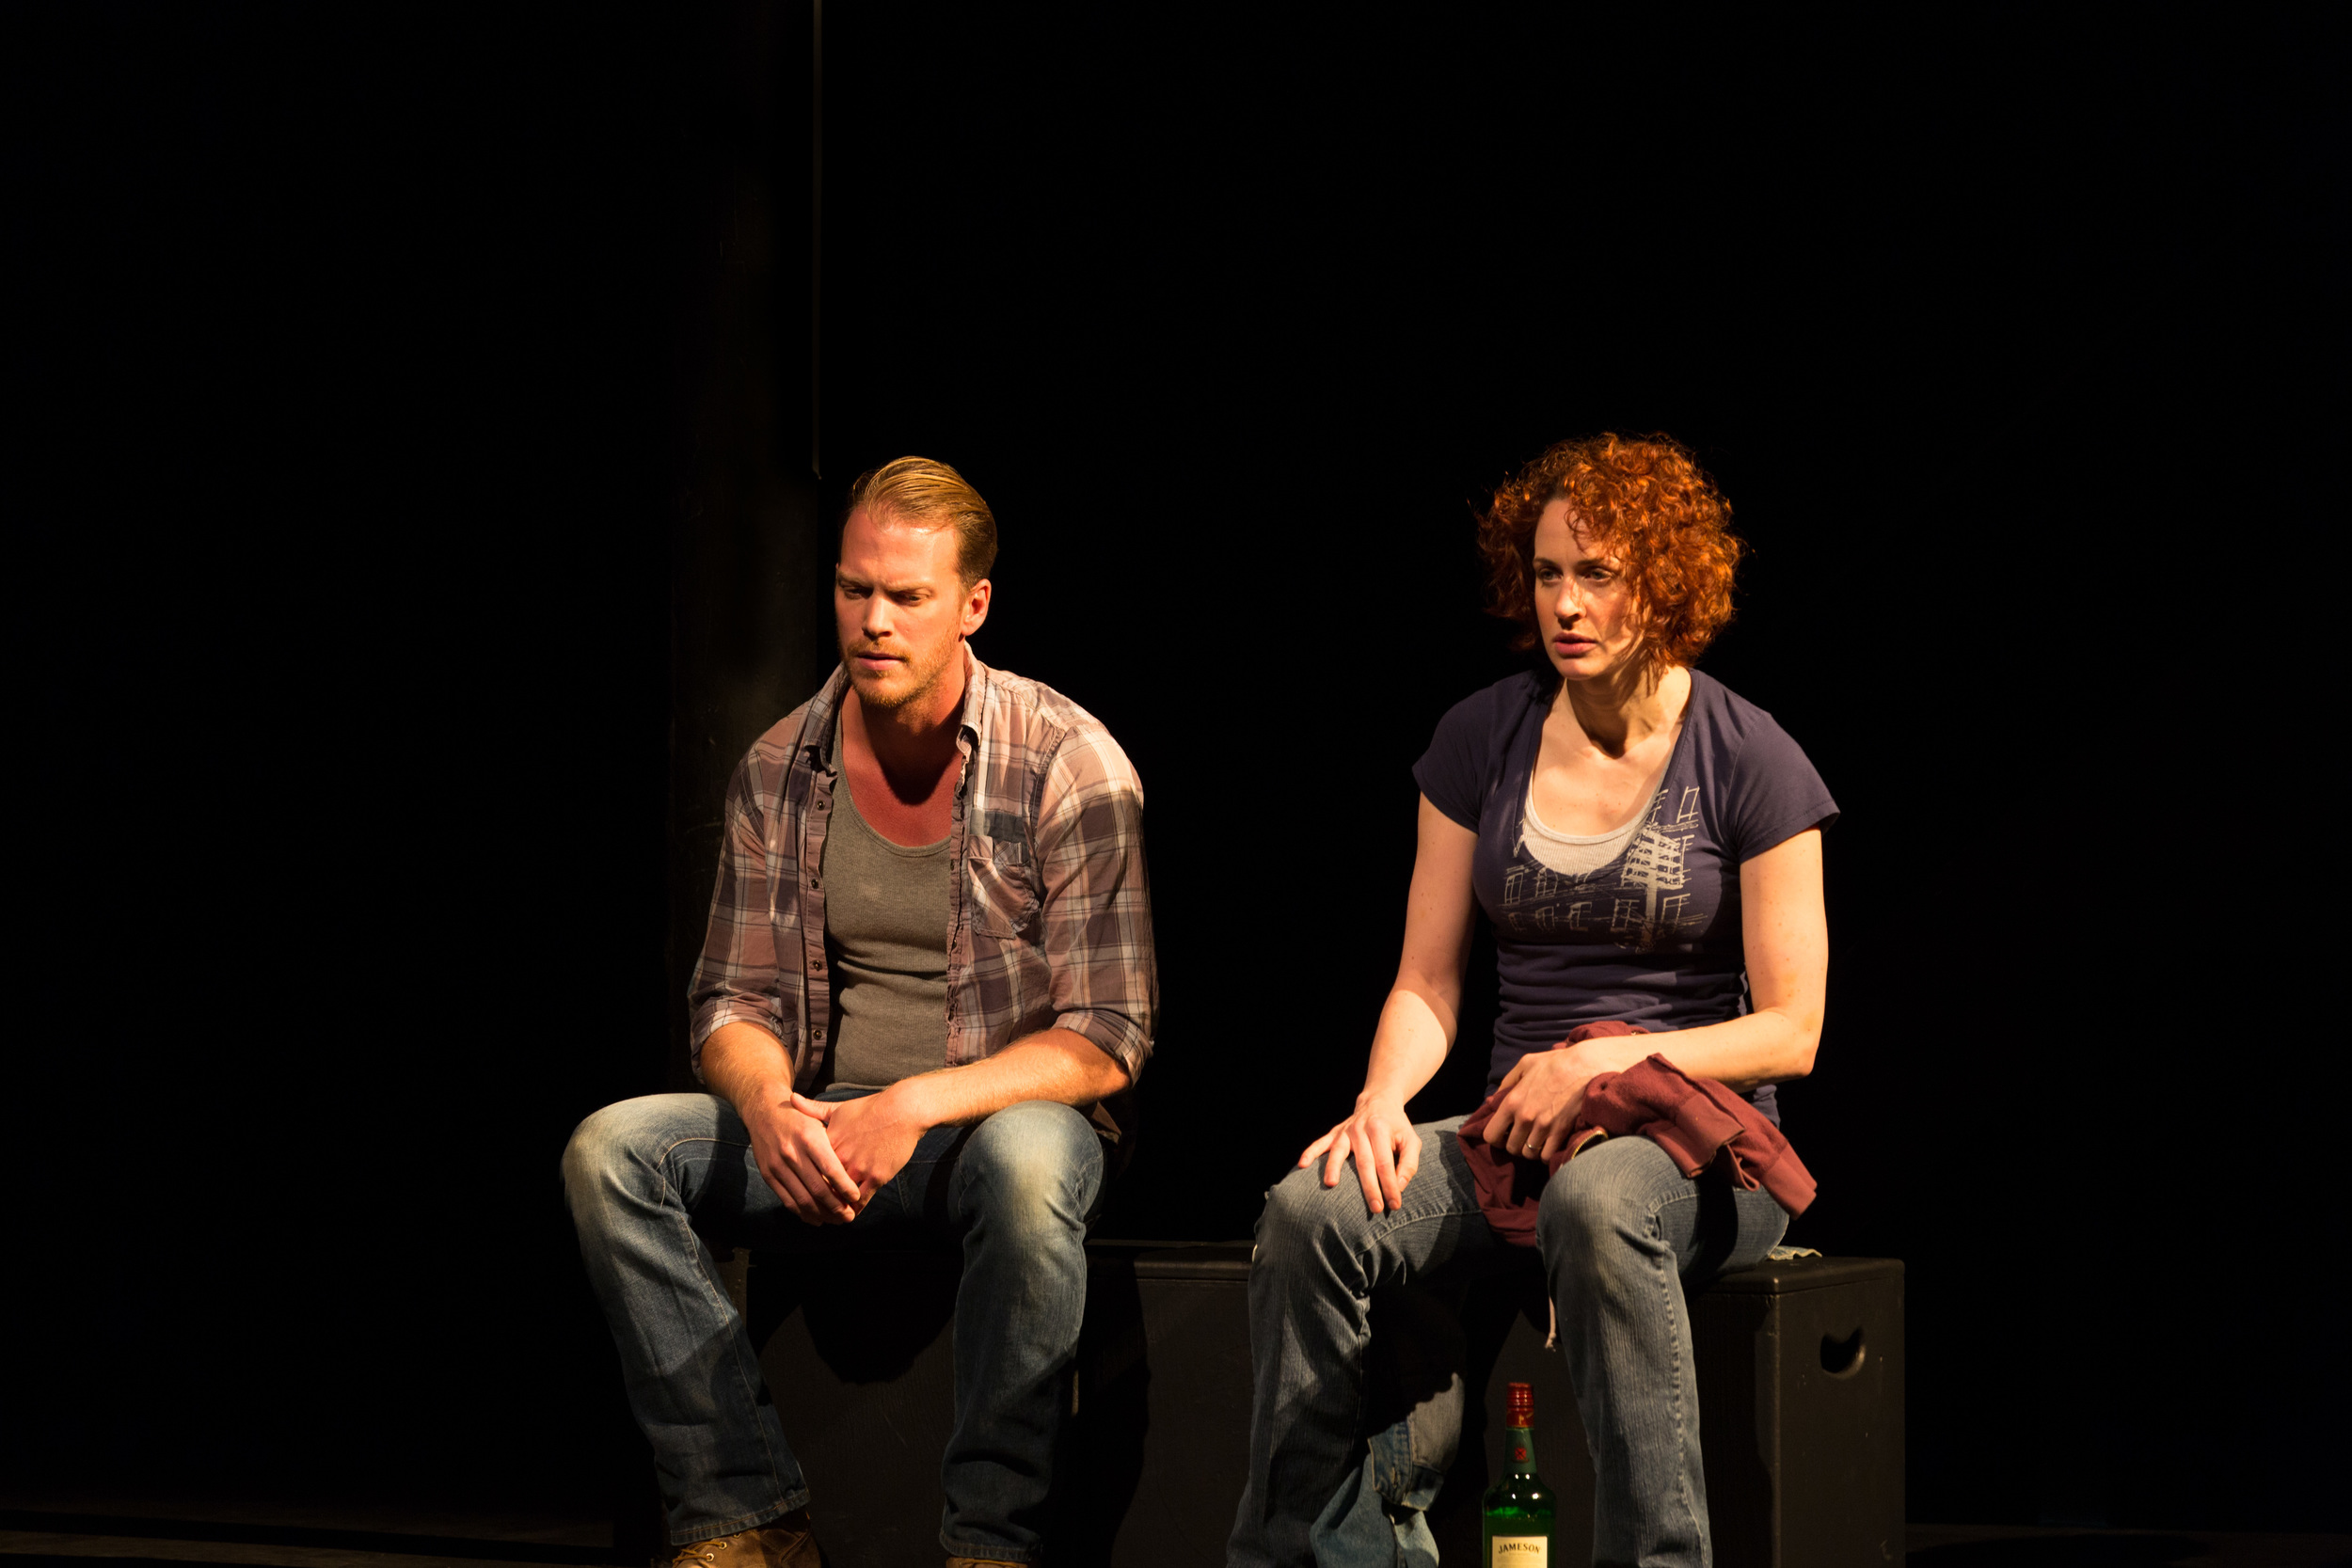 joe and sarah 2.jpg